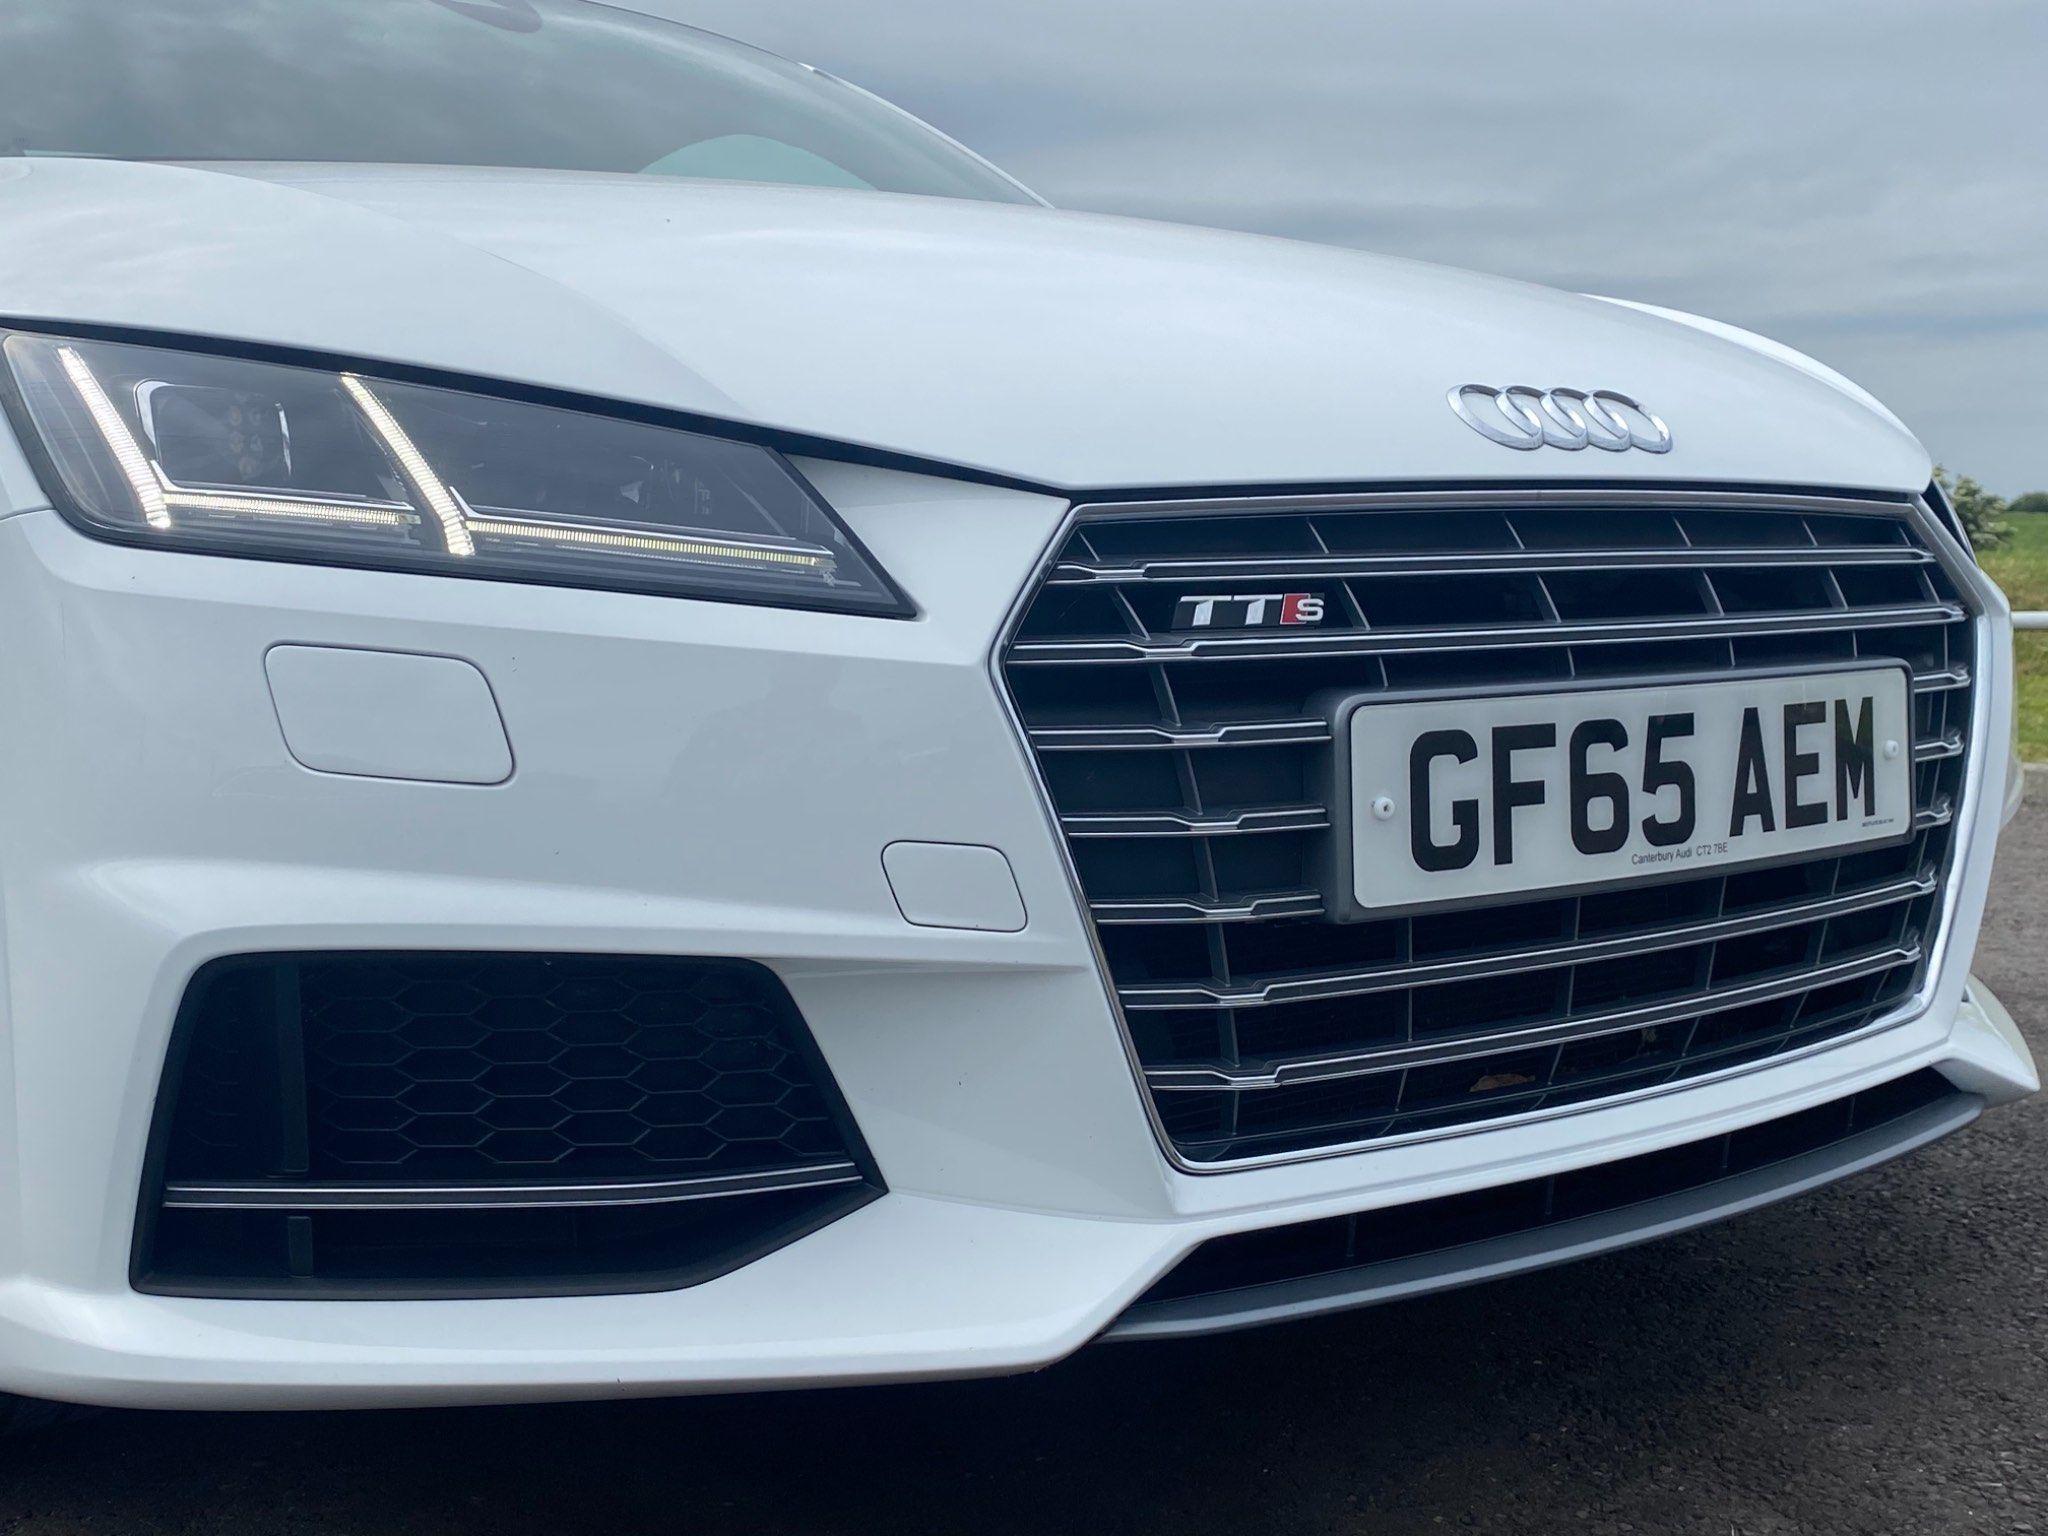 Audi TTS Images